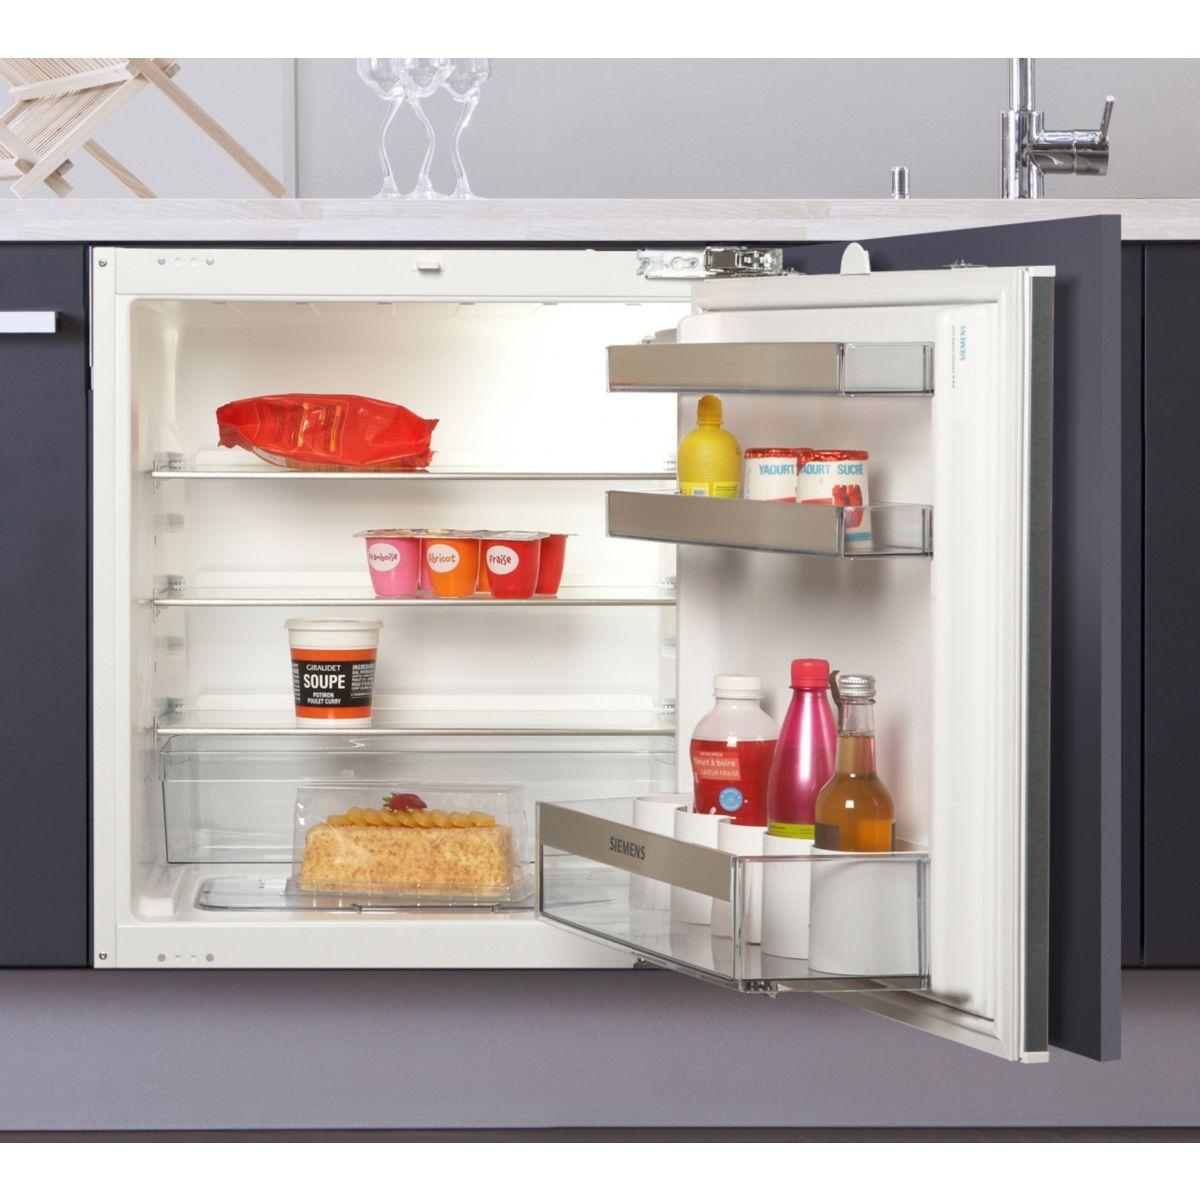 Réfrigérateur encastrable siemens ku15ra65 - 2% de remise immédiate avec le code : cool2 (photo)